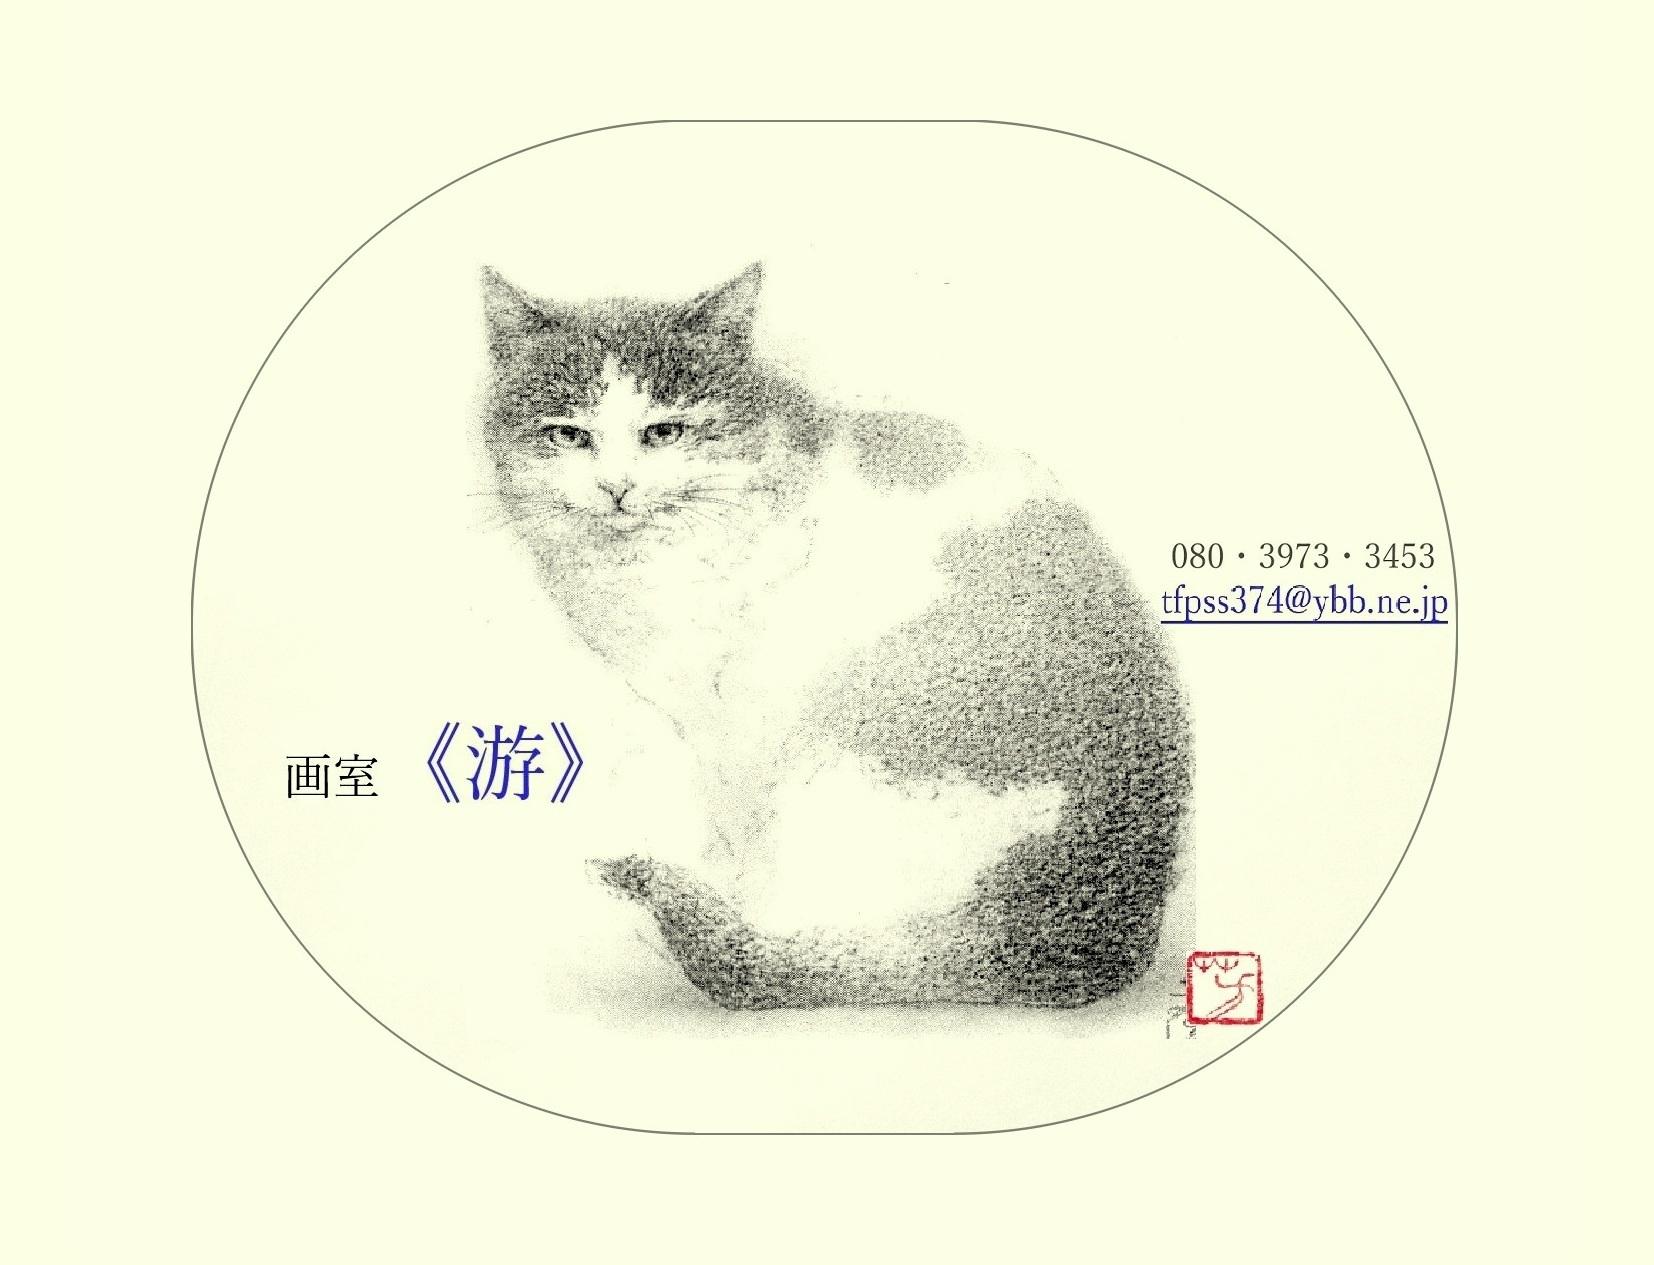 《 画室《游》 オリジナルイラストマグカップ   その 1 》_f0159856_10462347.jpg